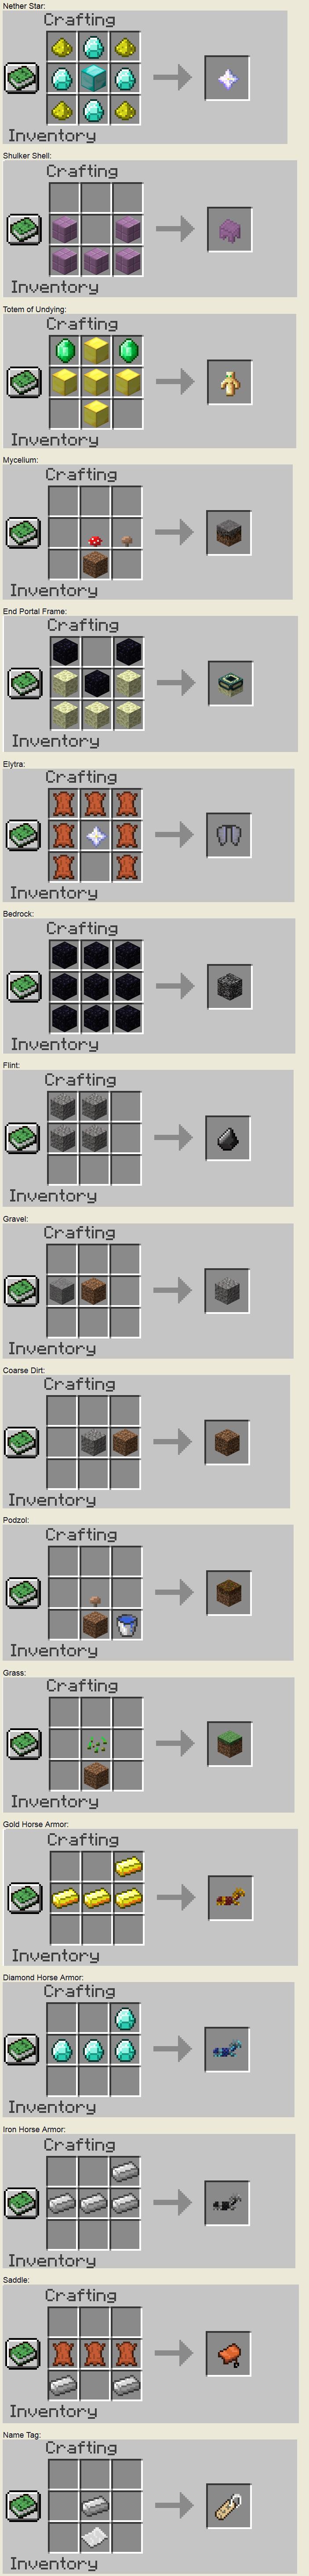 Мод на новые рецепты - Recipes+ для minecraft 1.12.2